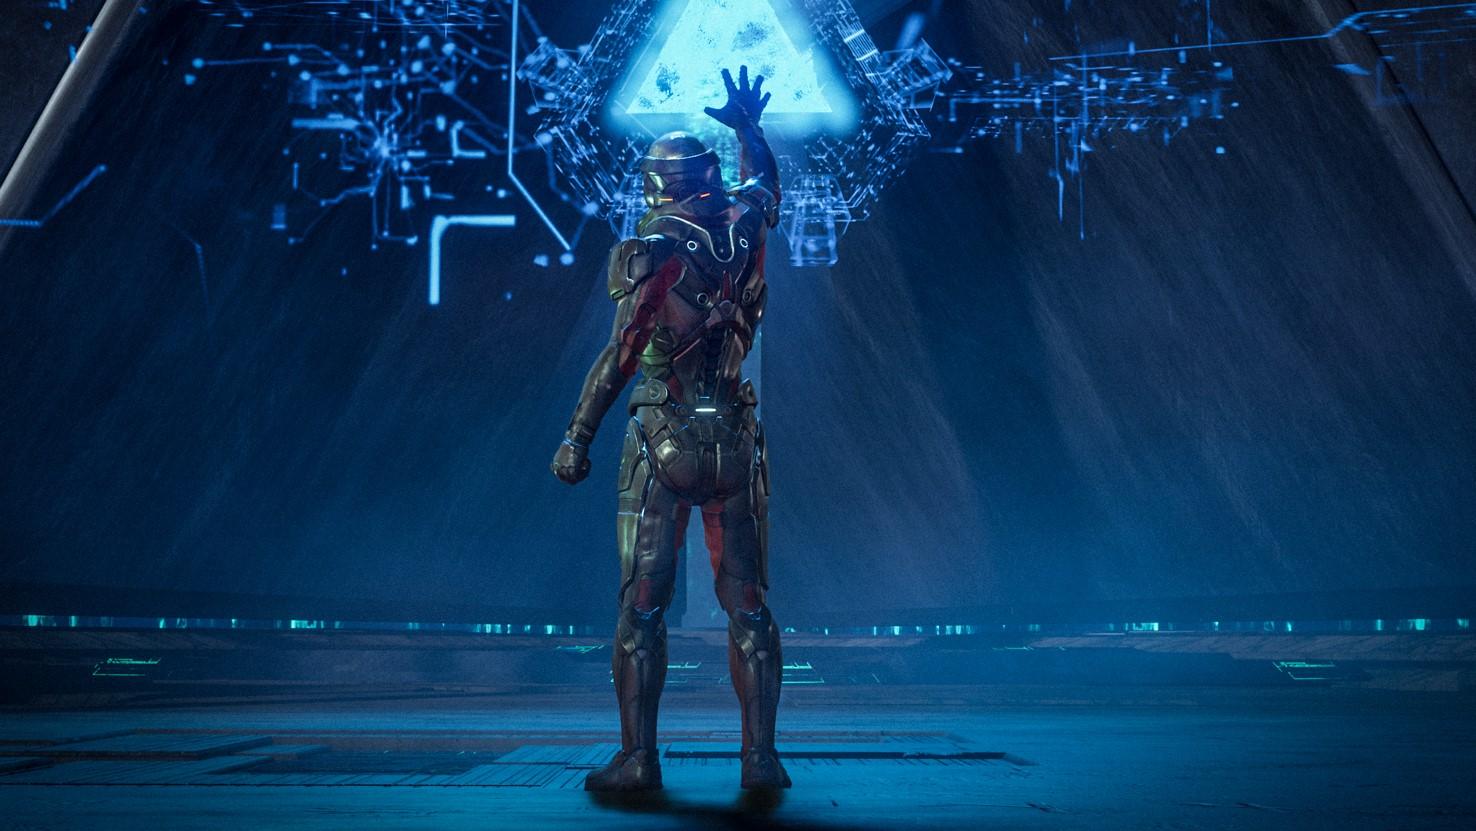 BioWare jobber med en helt ny spillserie, men først er det duket for Mass Effect Andromeda.